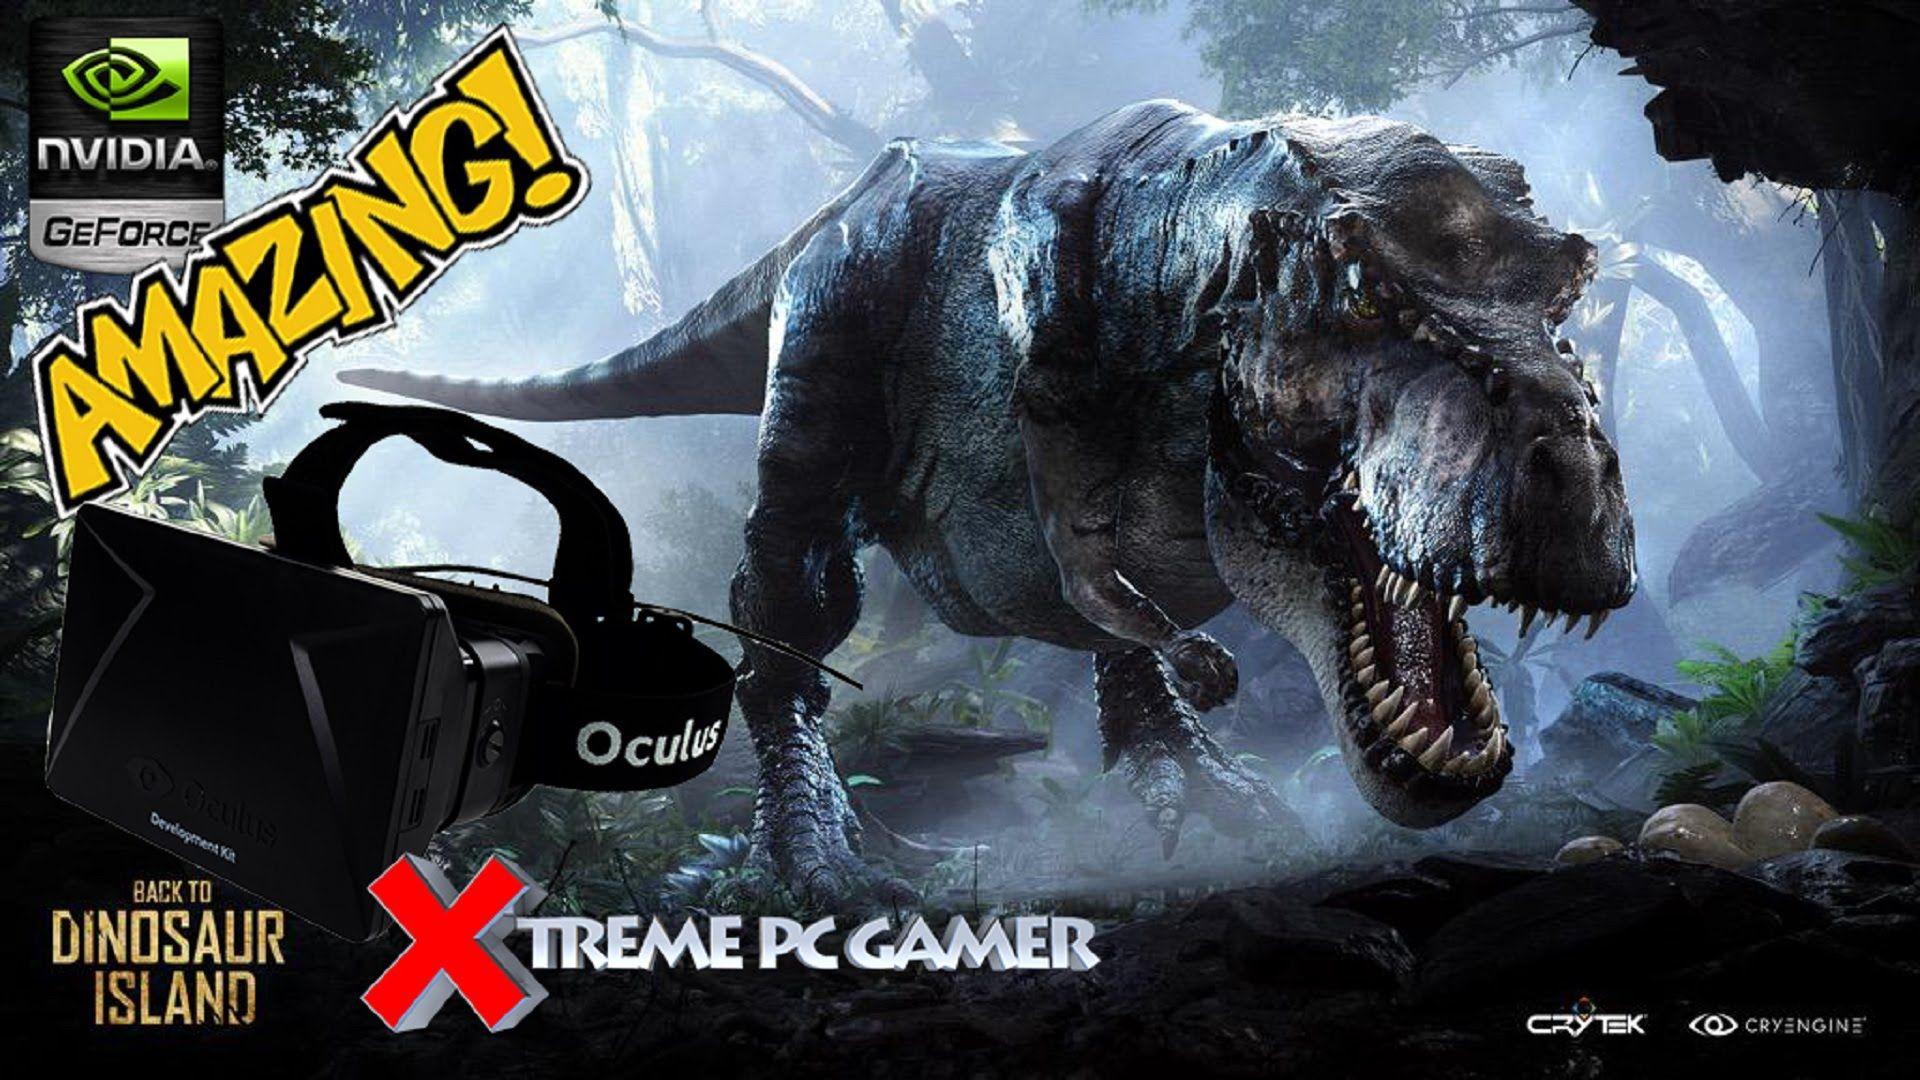 Back to Dinosaur Island CryteK Demo + Download Link